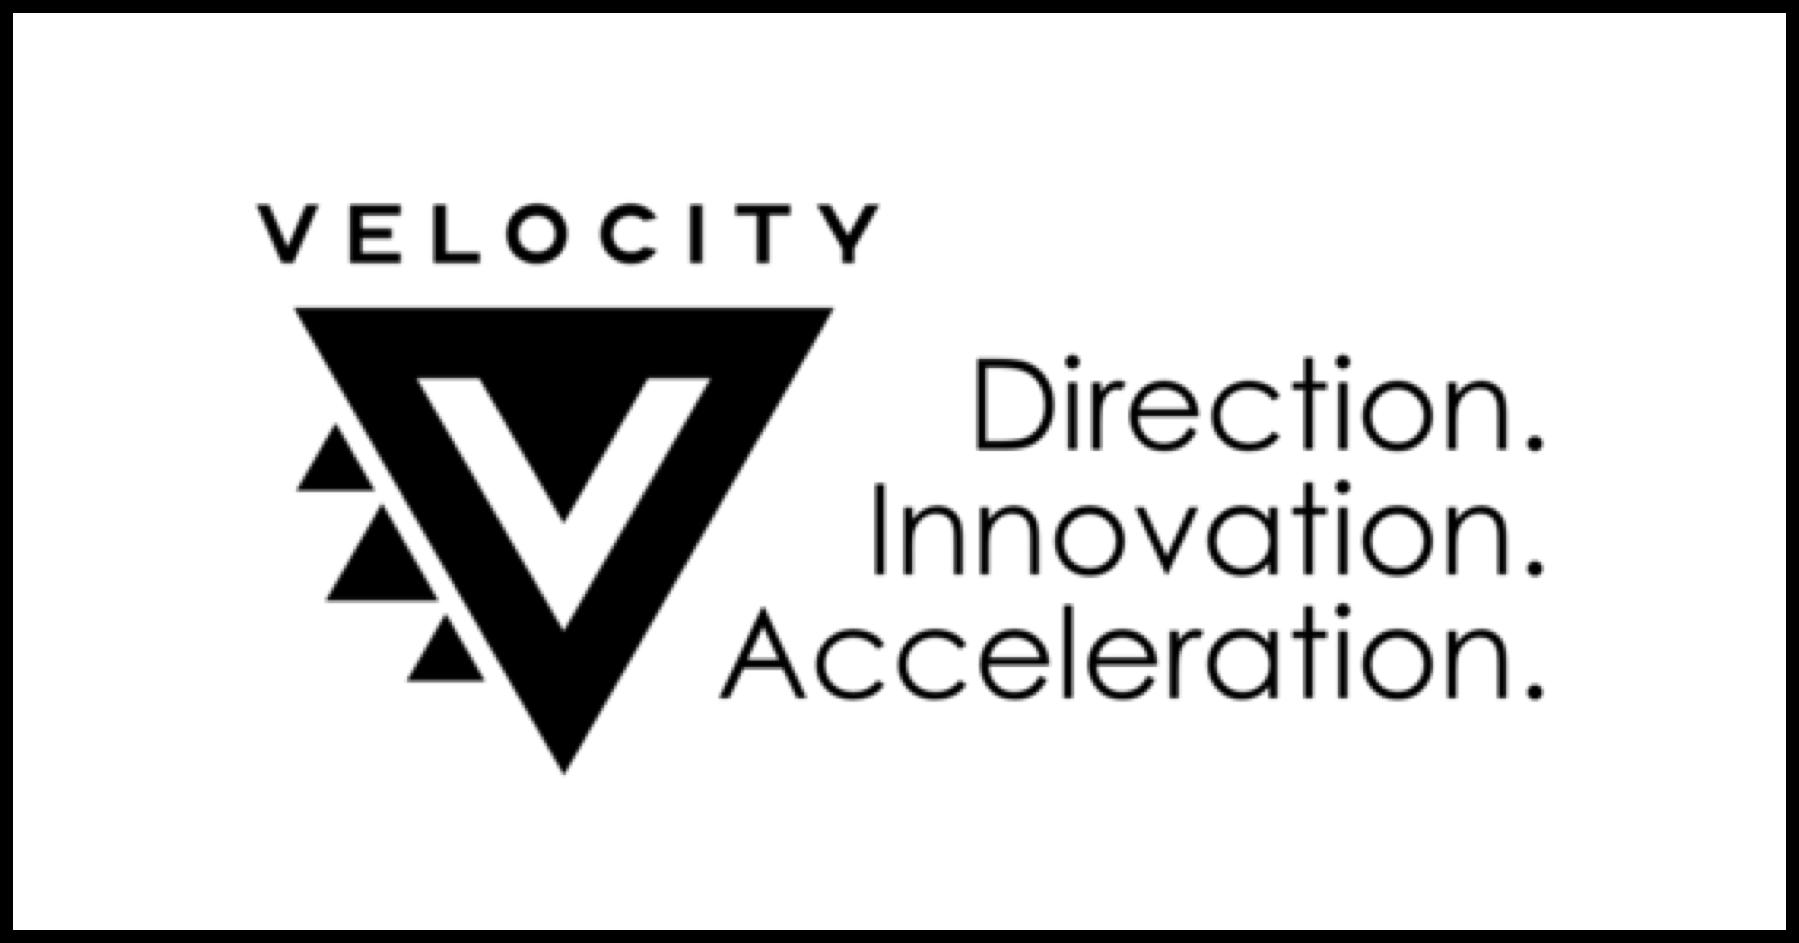 Velocity Case Study